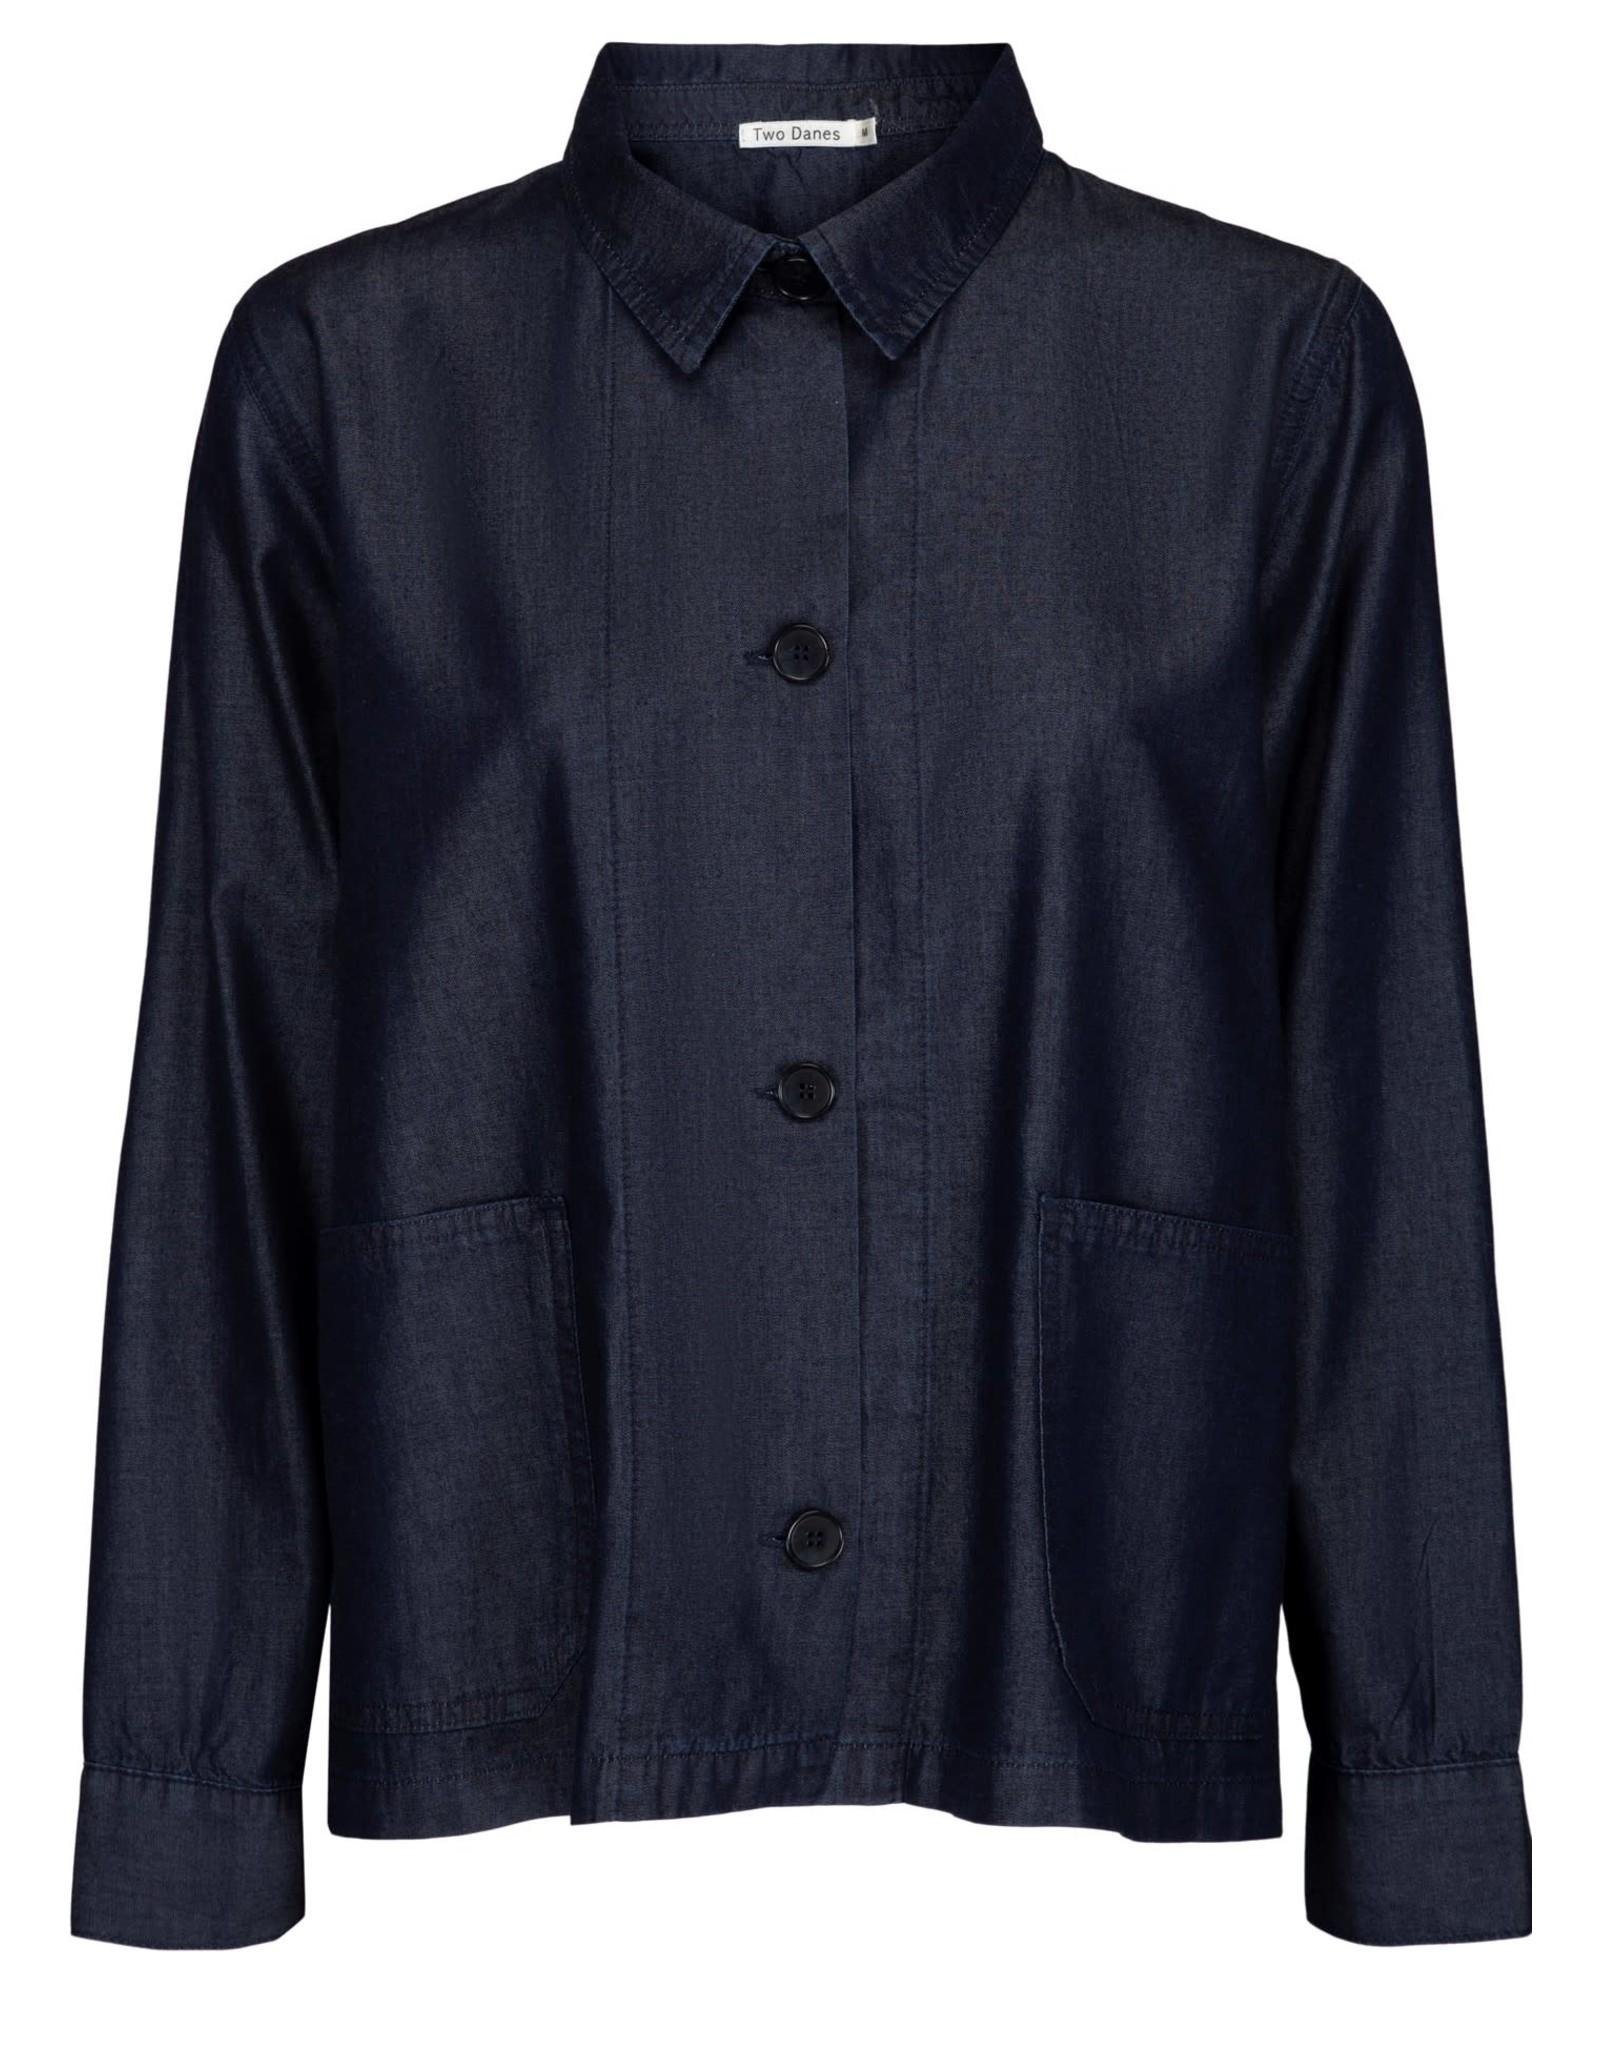 TWO DANES 37524 367 Dusty Cotton Tencel Jacket